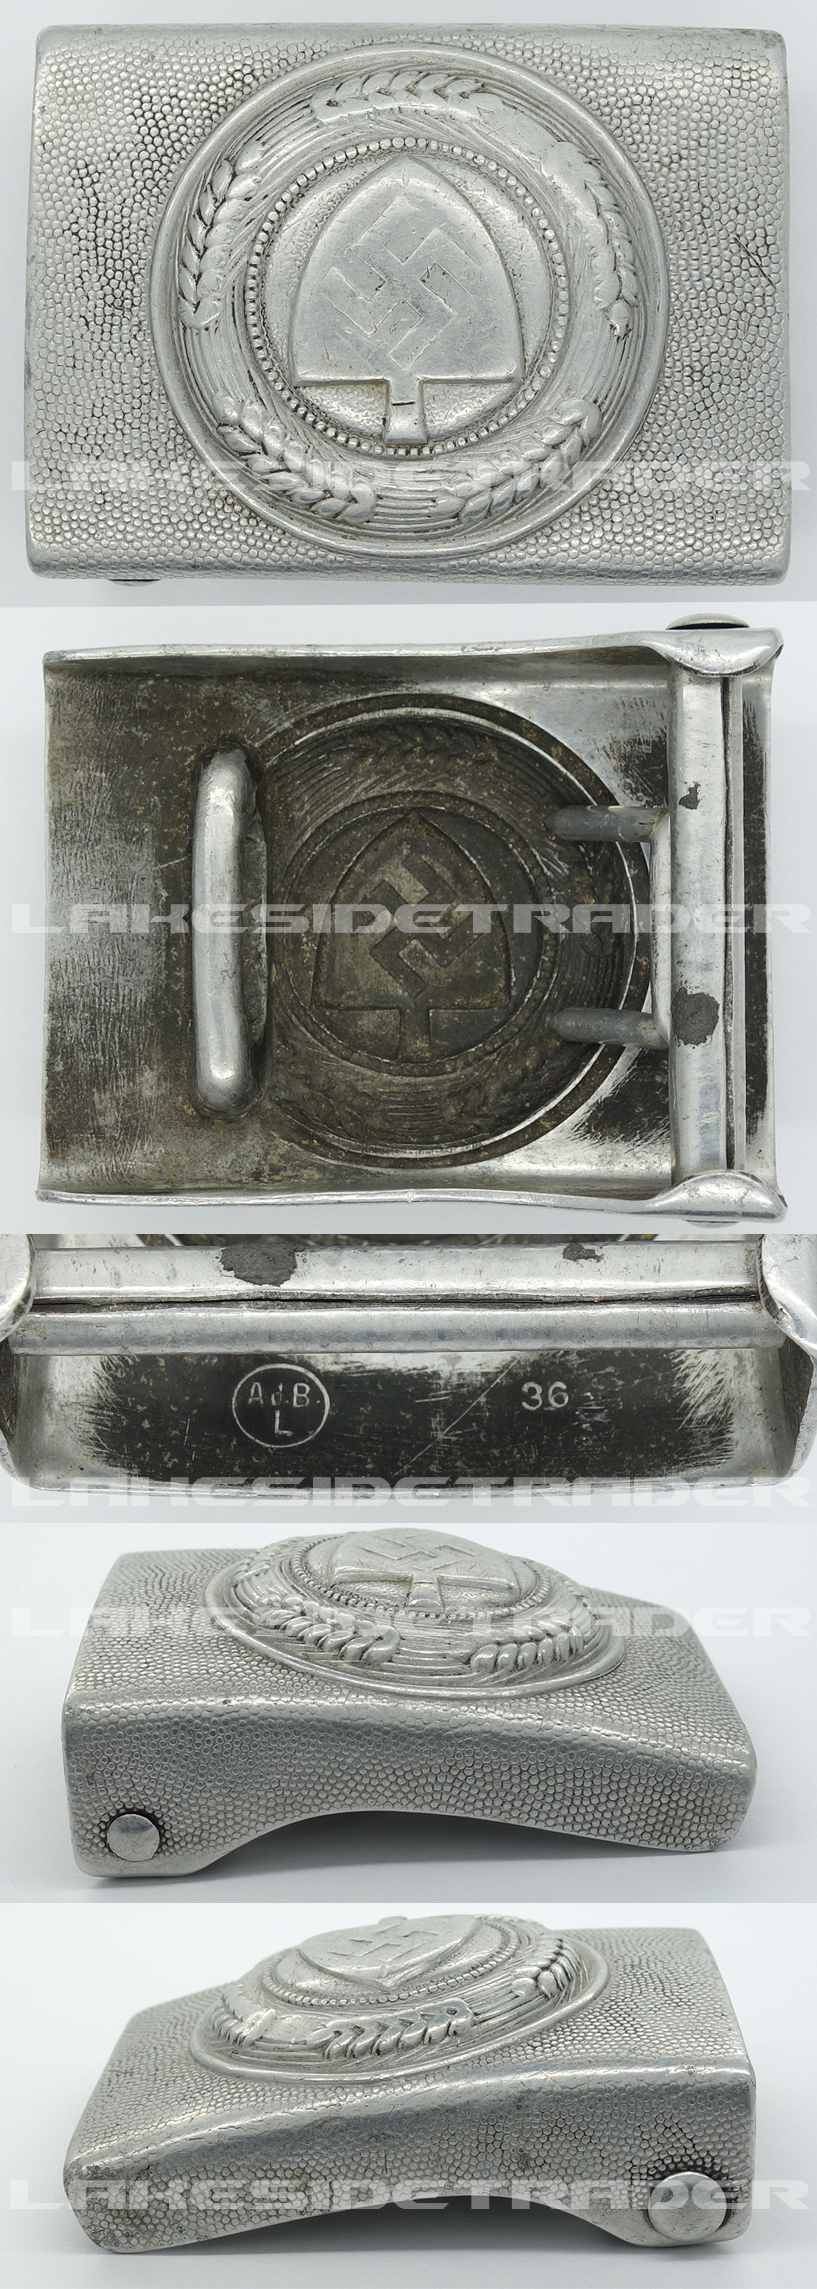 RAD EM/NCO Belt Buckle by Ad. B 1936